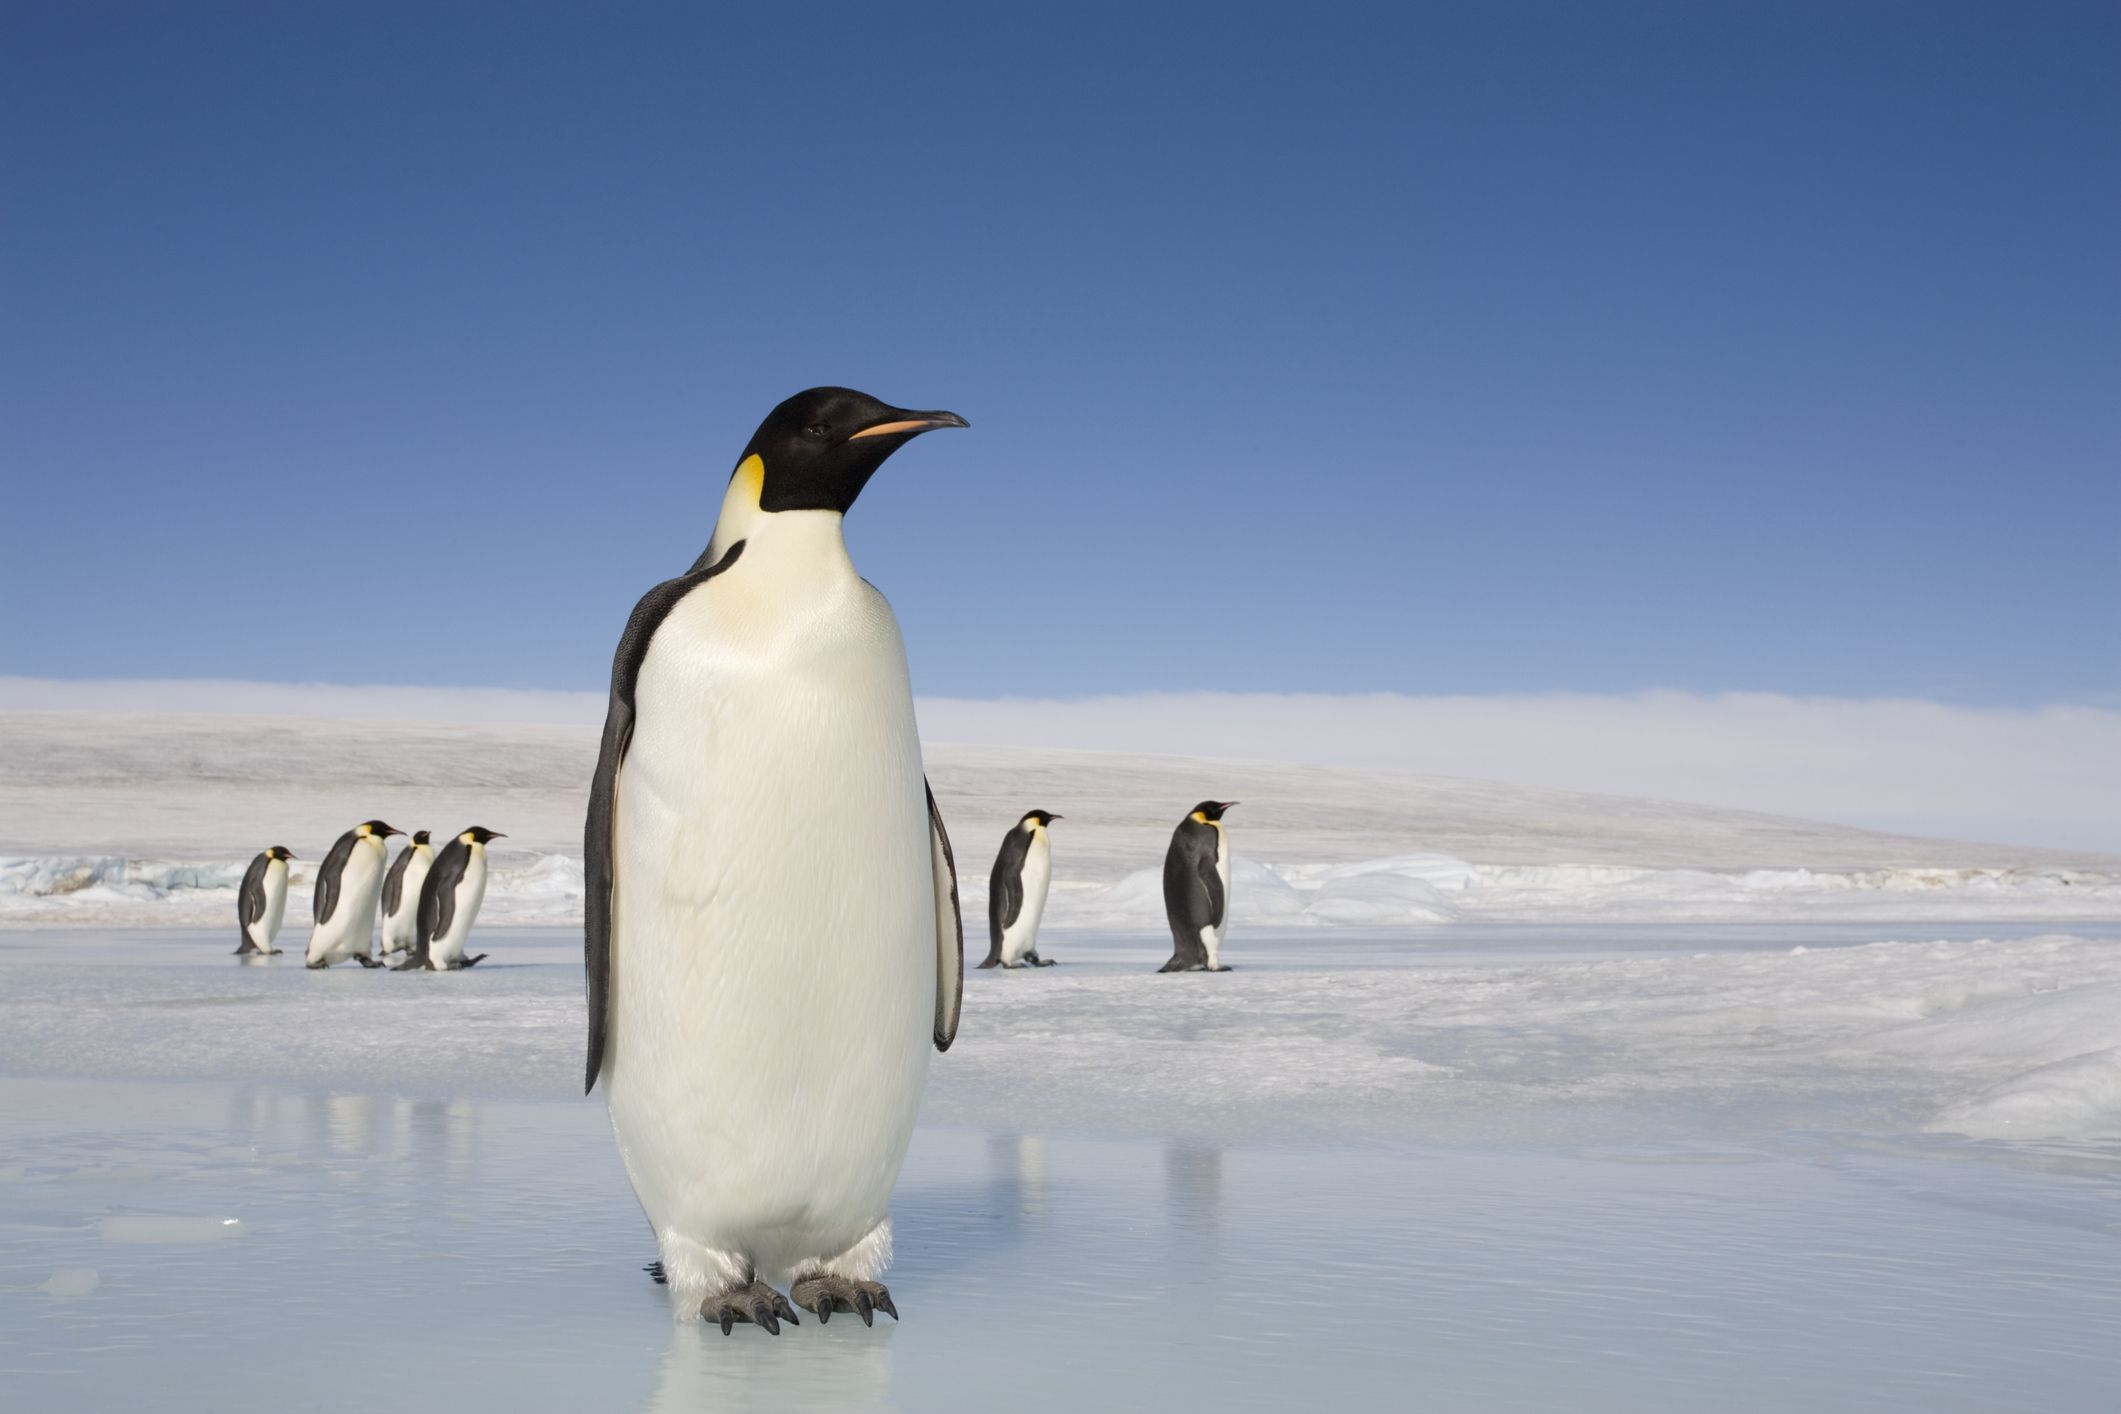 Emperor penguins on ice in Antarctica.